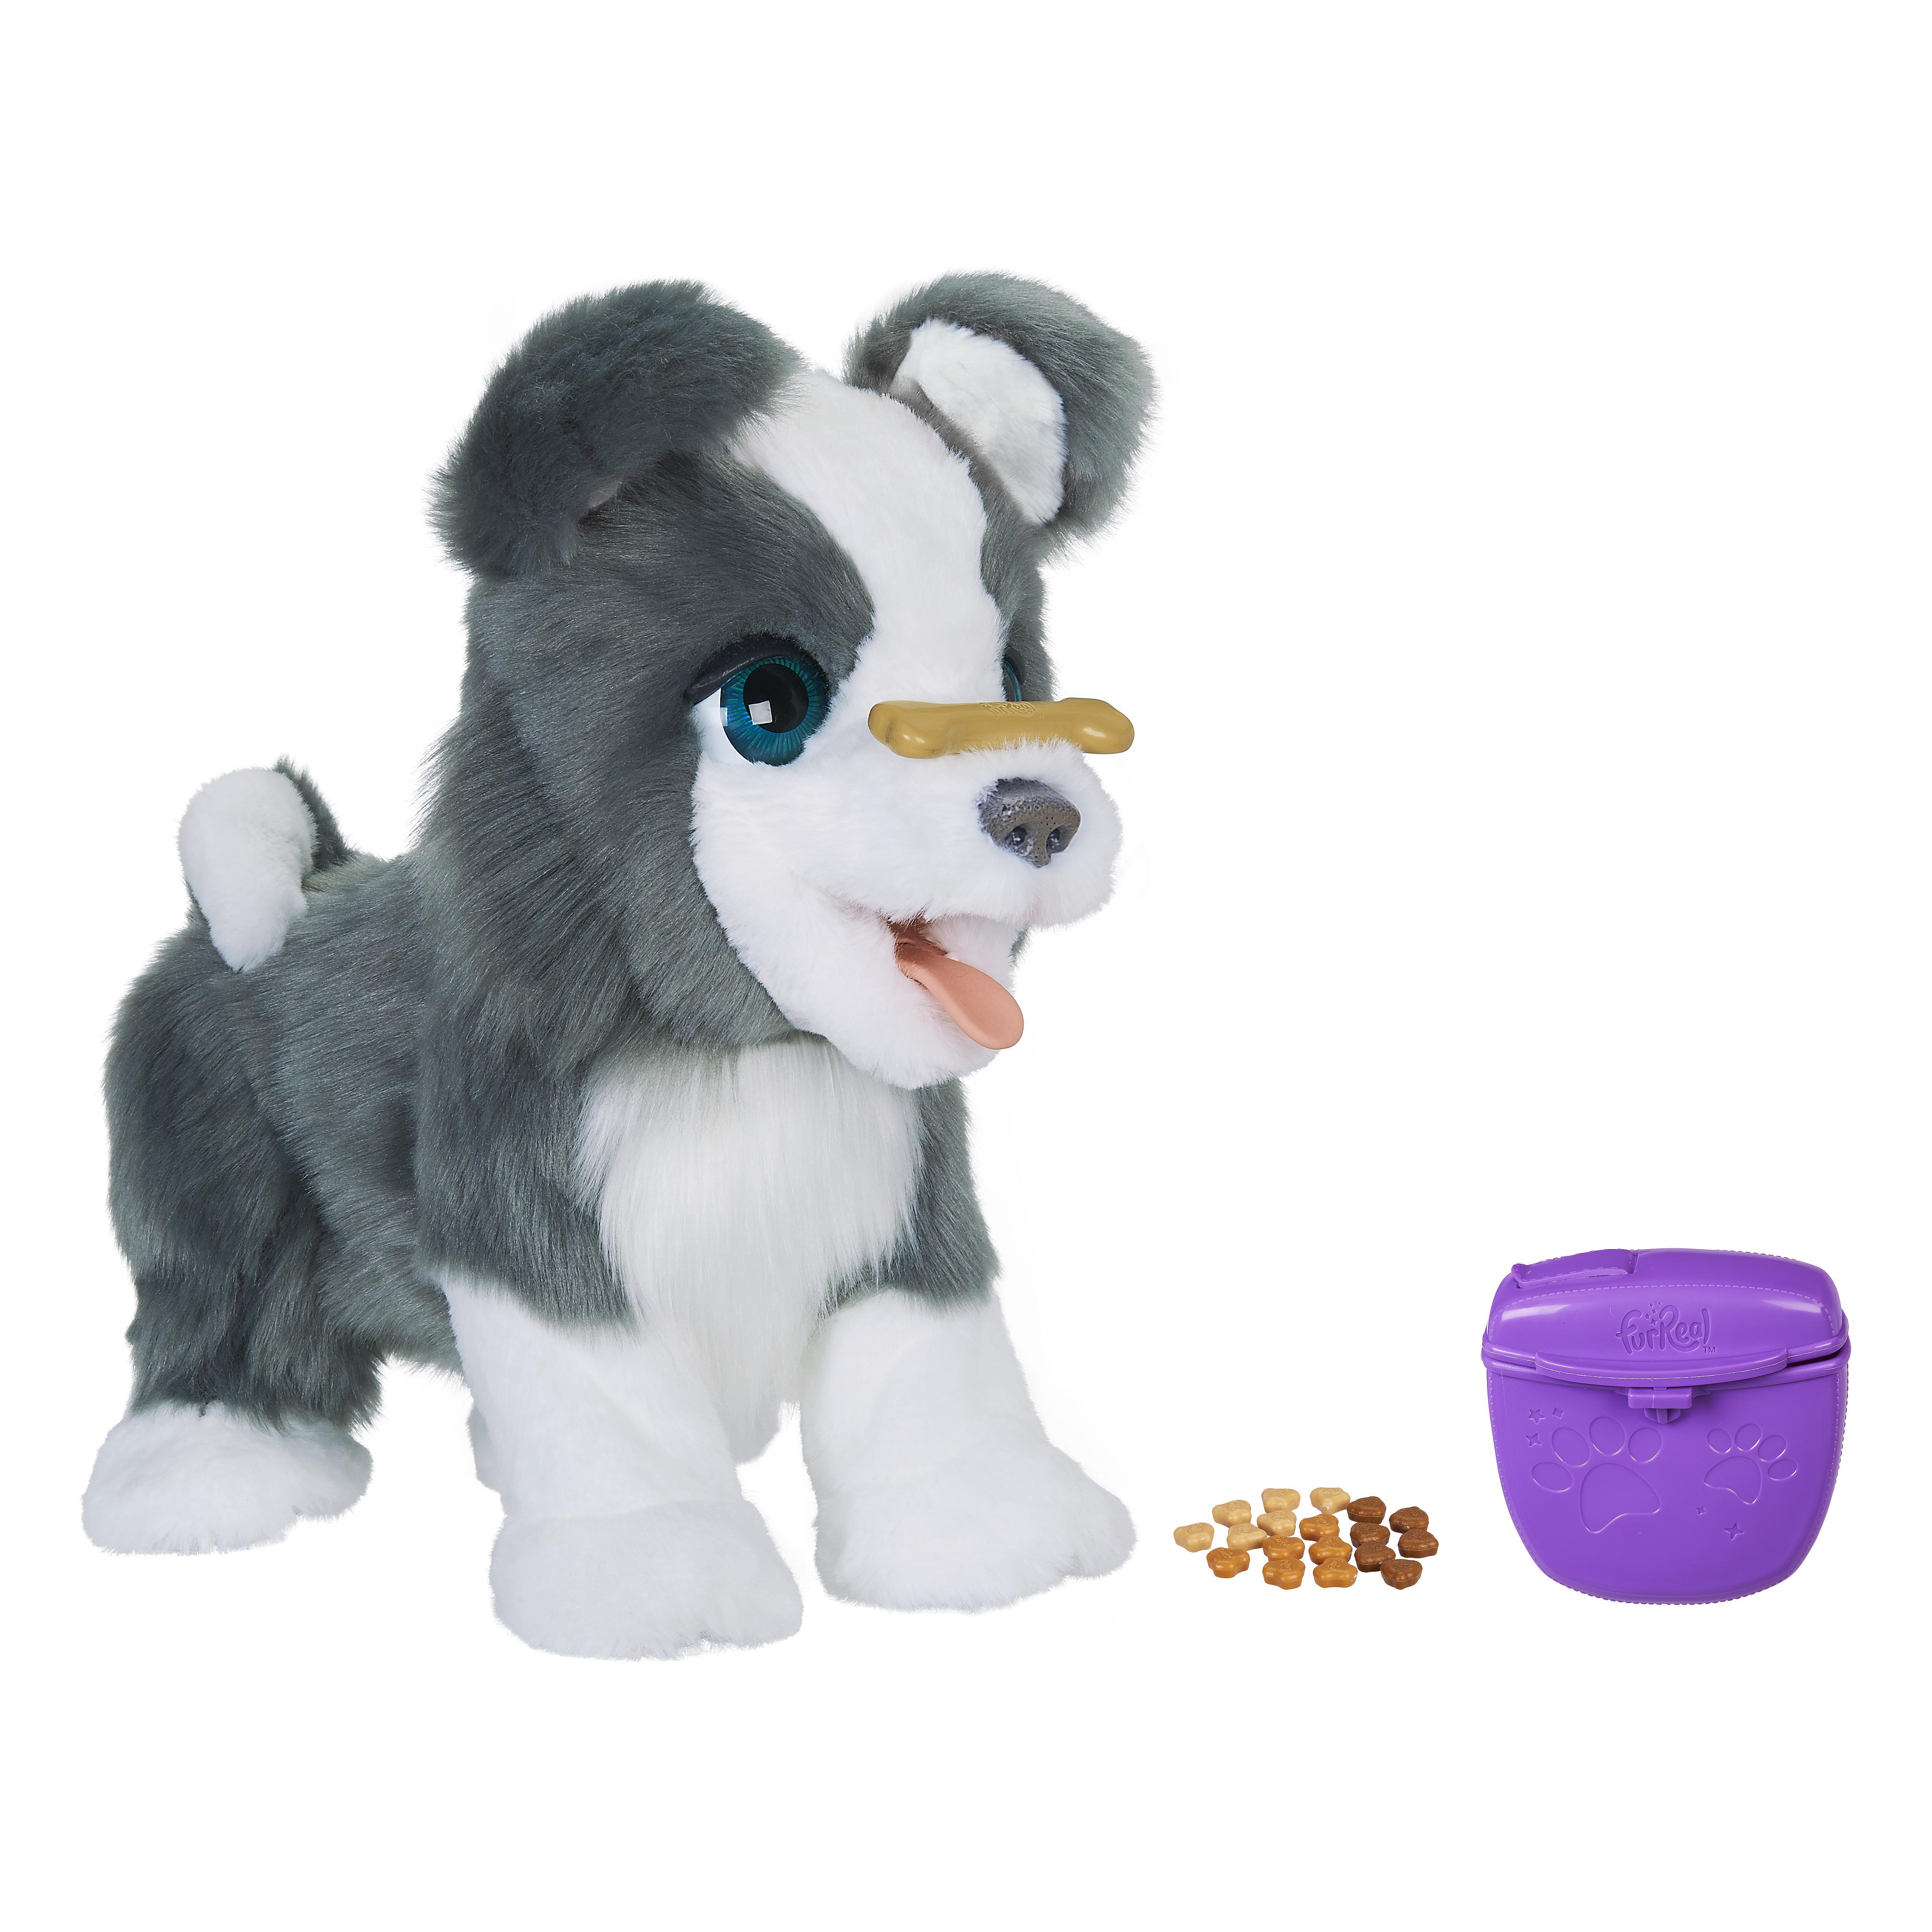 Купить FurReal Friends Щенок Хаски - интерактивная игрушка, Китай